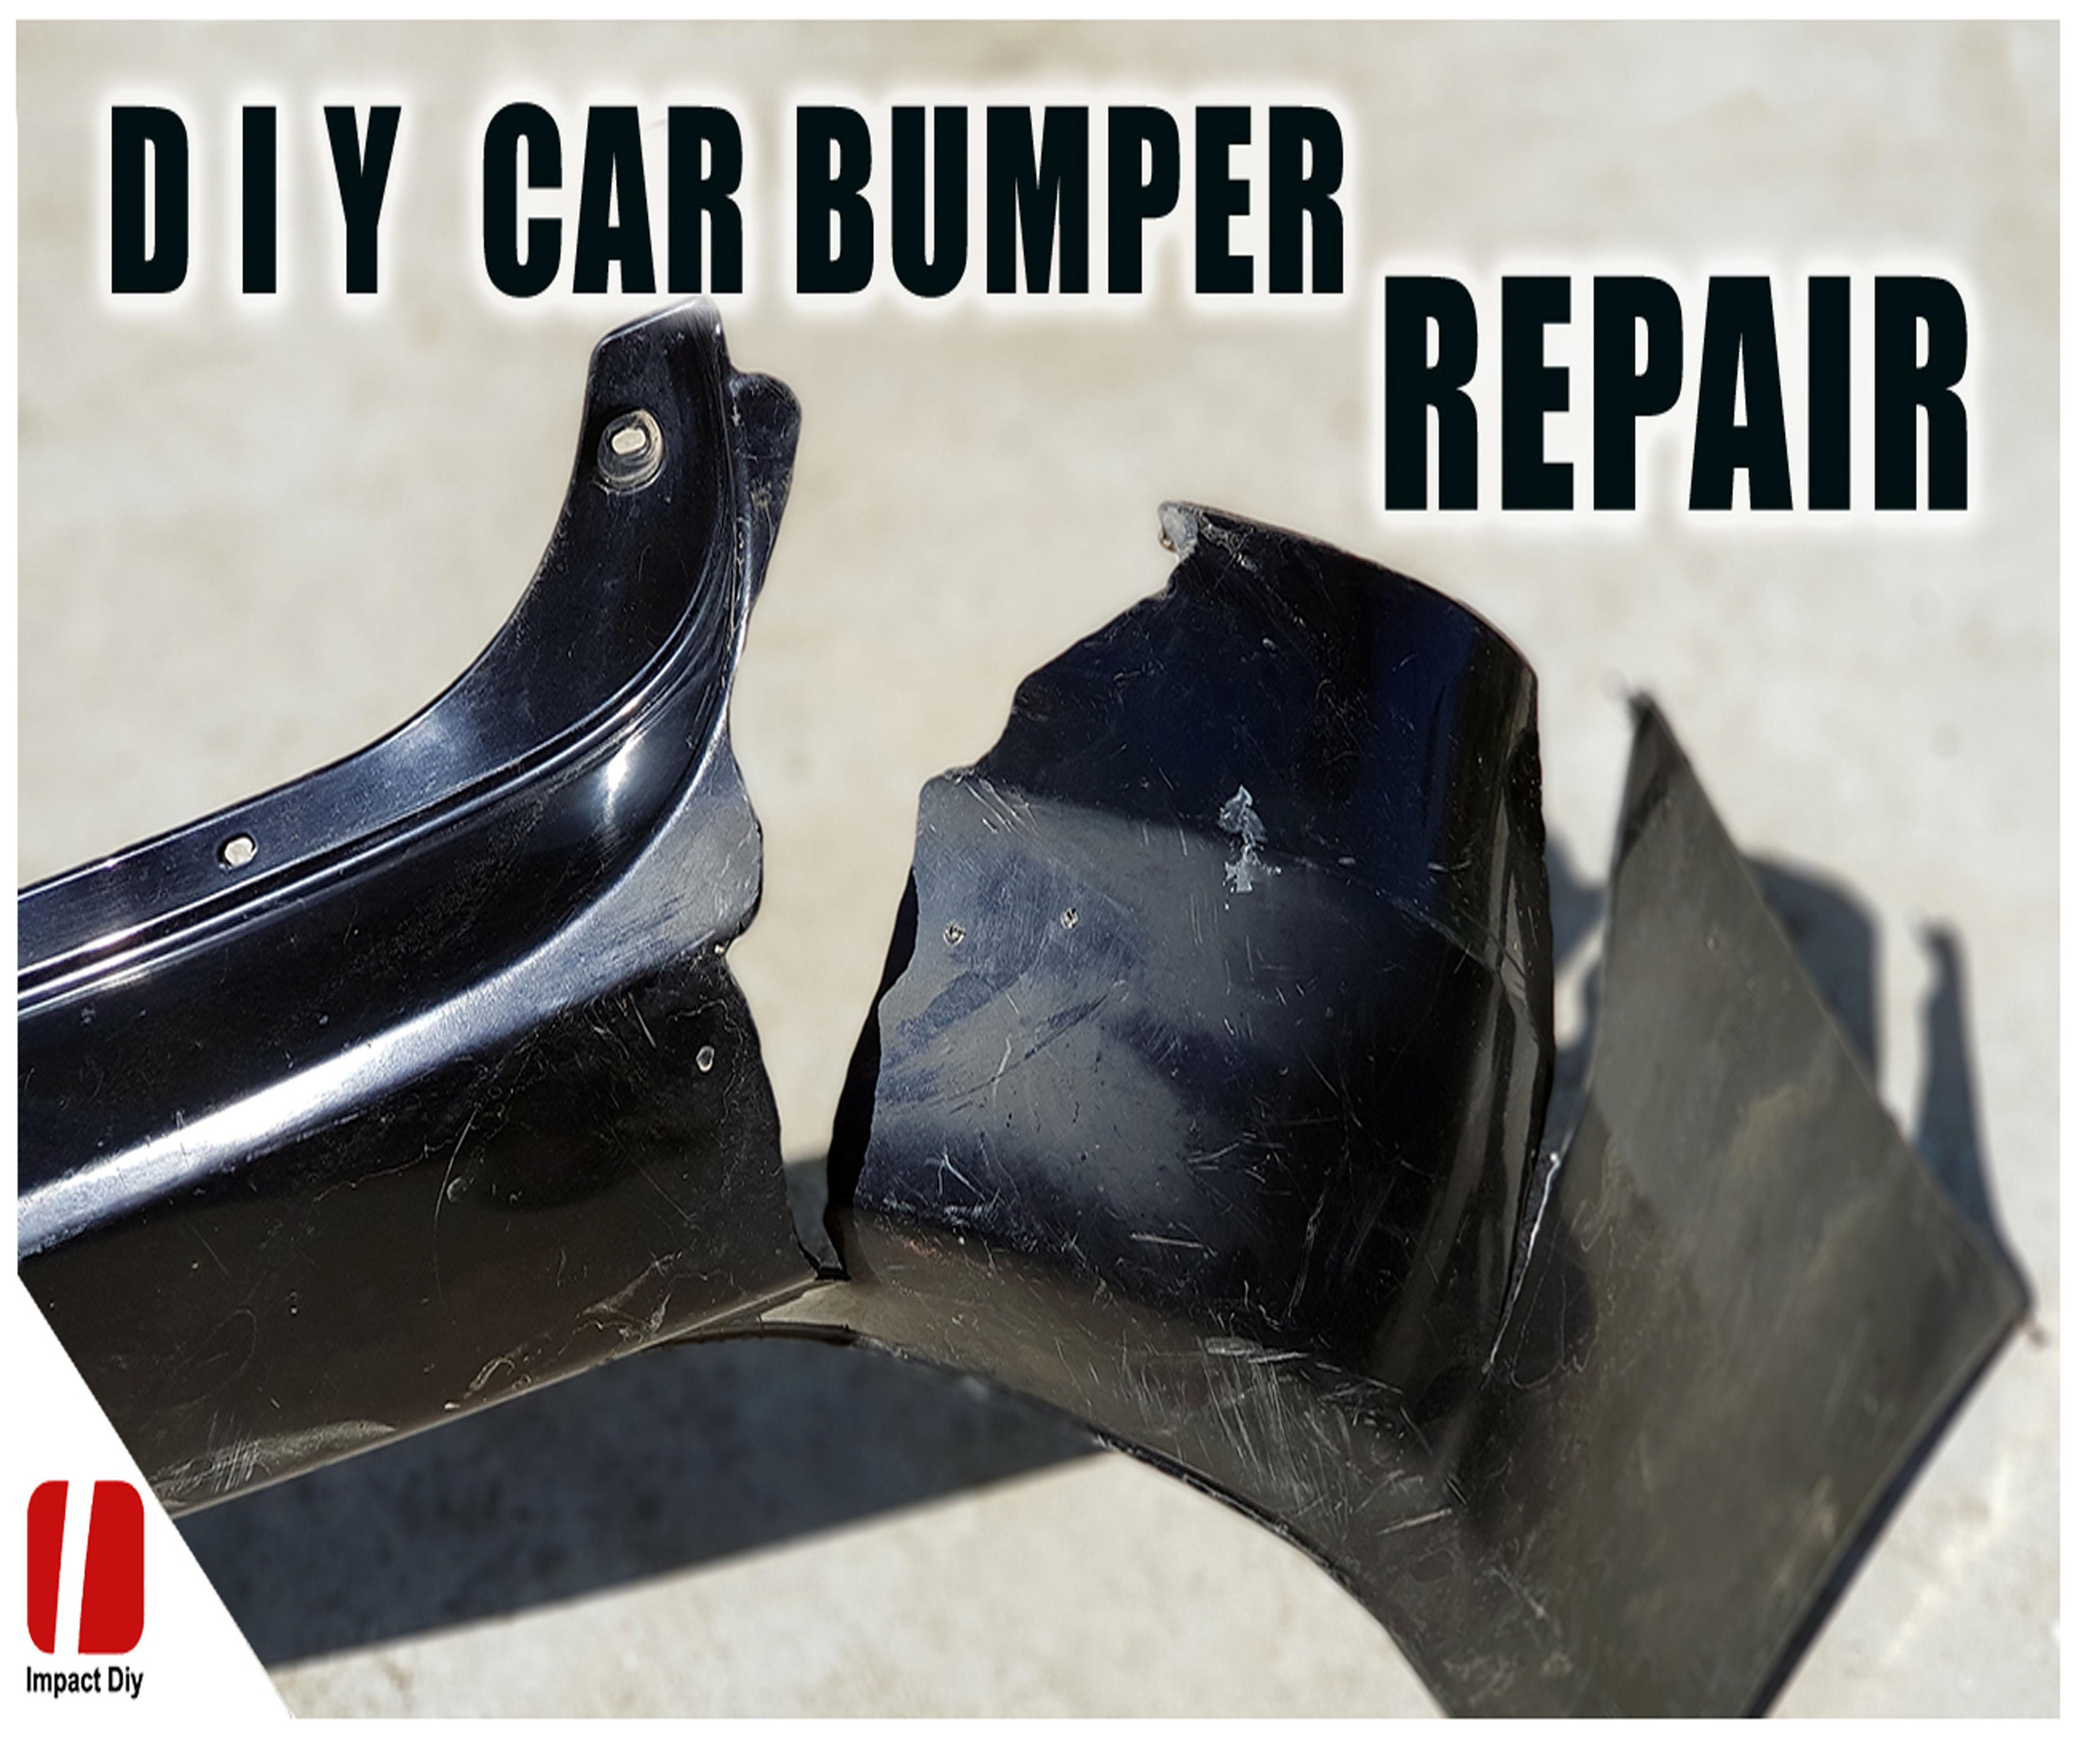 How to Repair Car Bumper